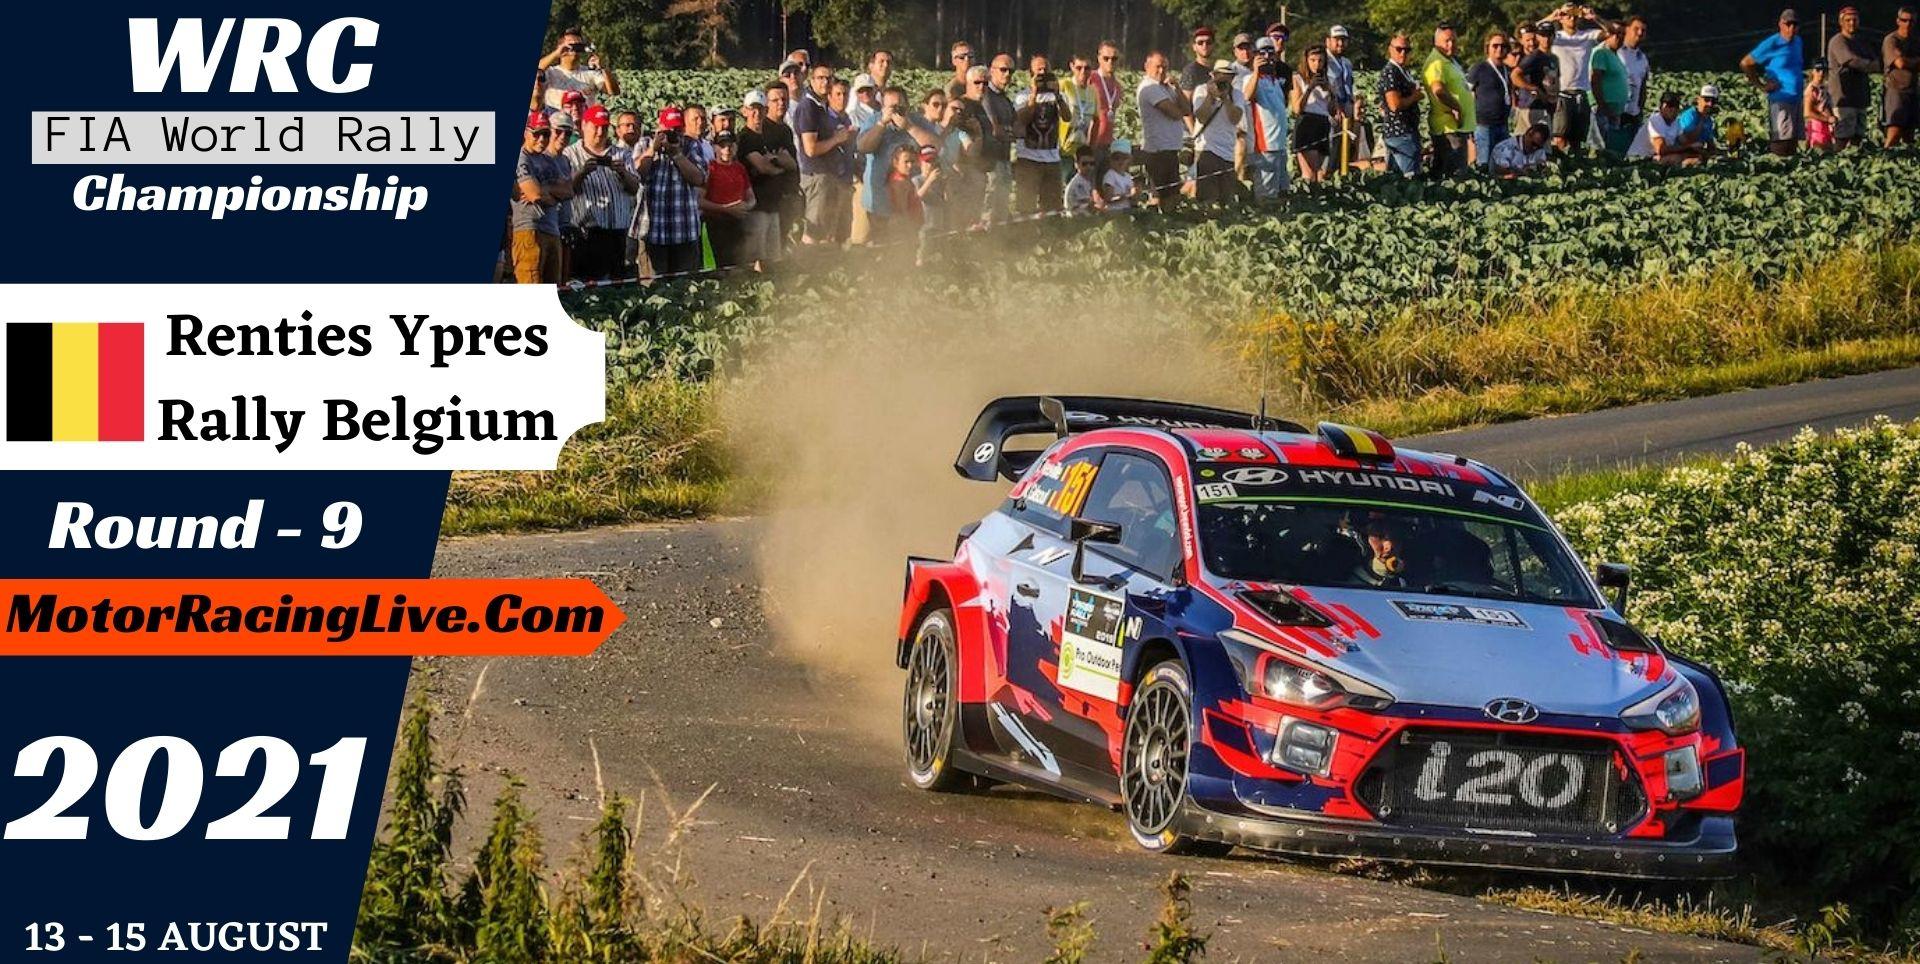 WRC Renties Ypres Rally Belgium Round 9 Live Stream 2021